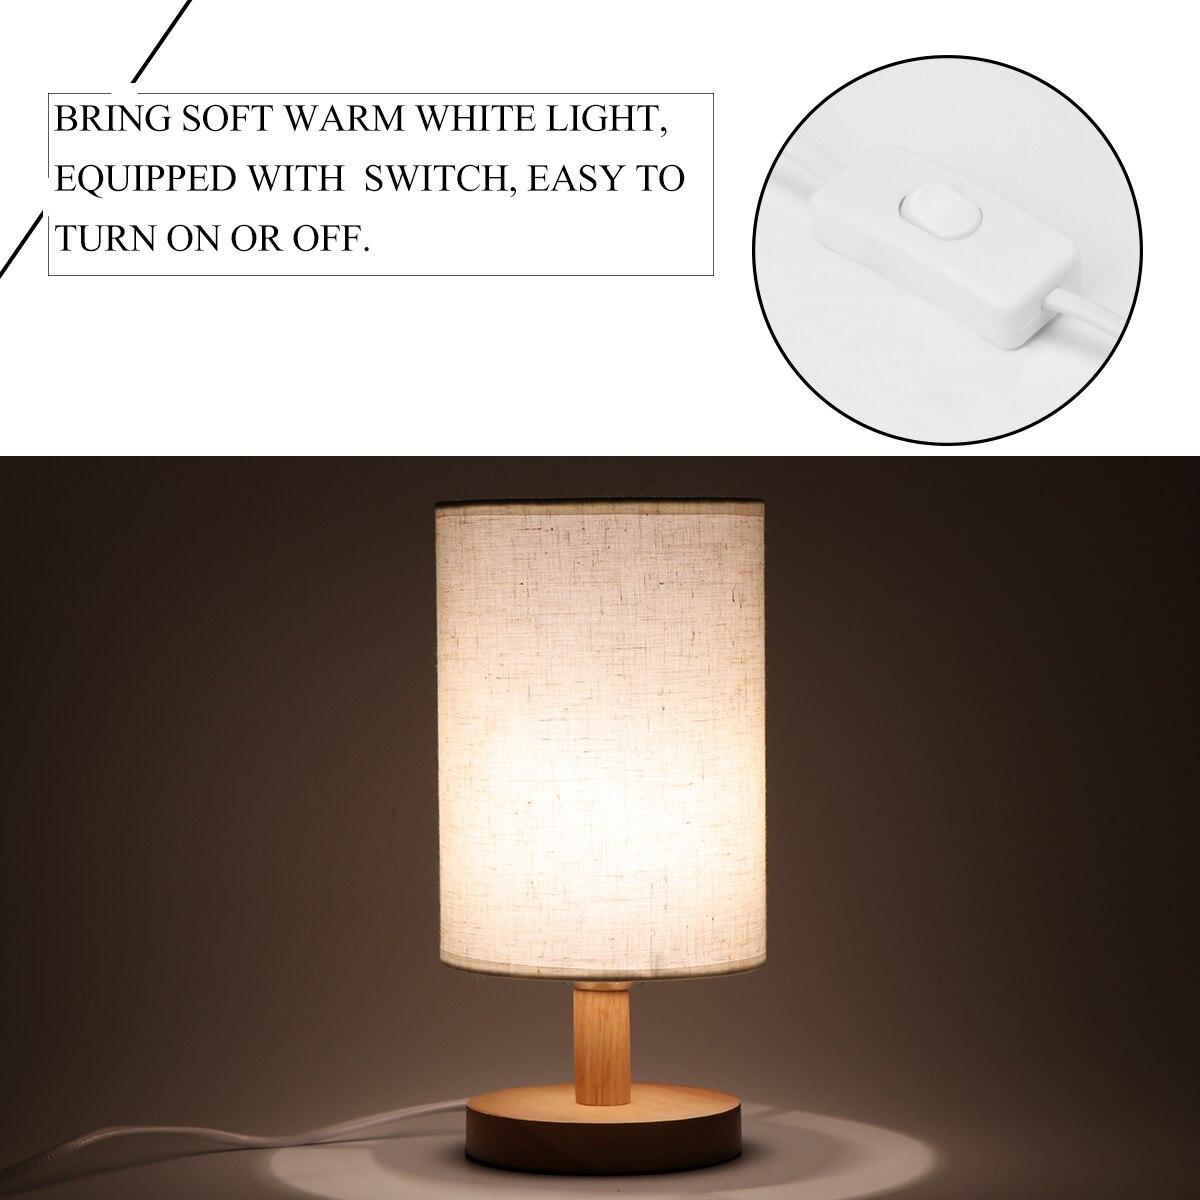 10 Watt Rgb W E27 Led-lampe Bühne Lampe Schreibtisch Lampe Mit Stoff Schatten Massivholz Basis E27 Für Schlafzimmer Wohnzimmer (birne Ist Nicht Enthalten) Zu Verkaufen